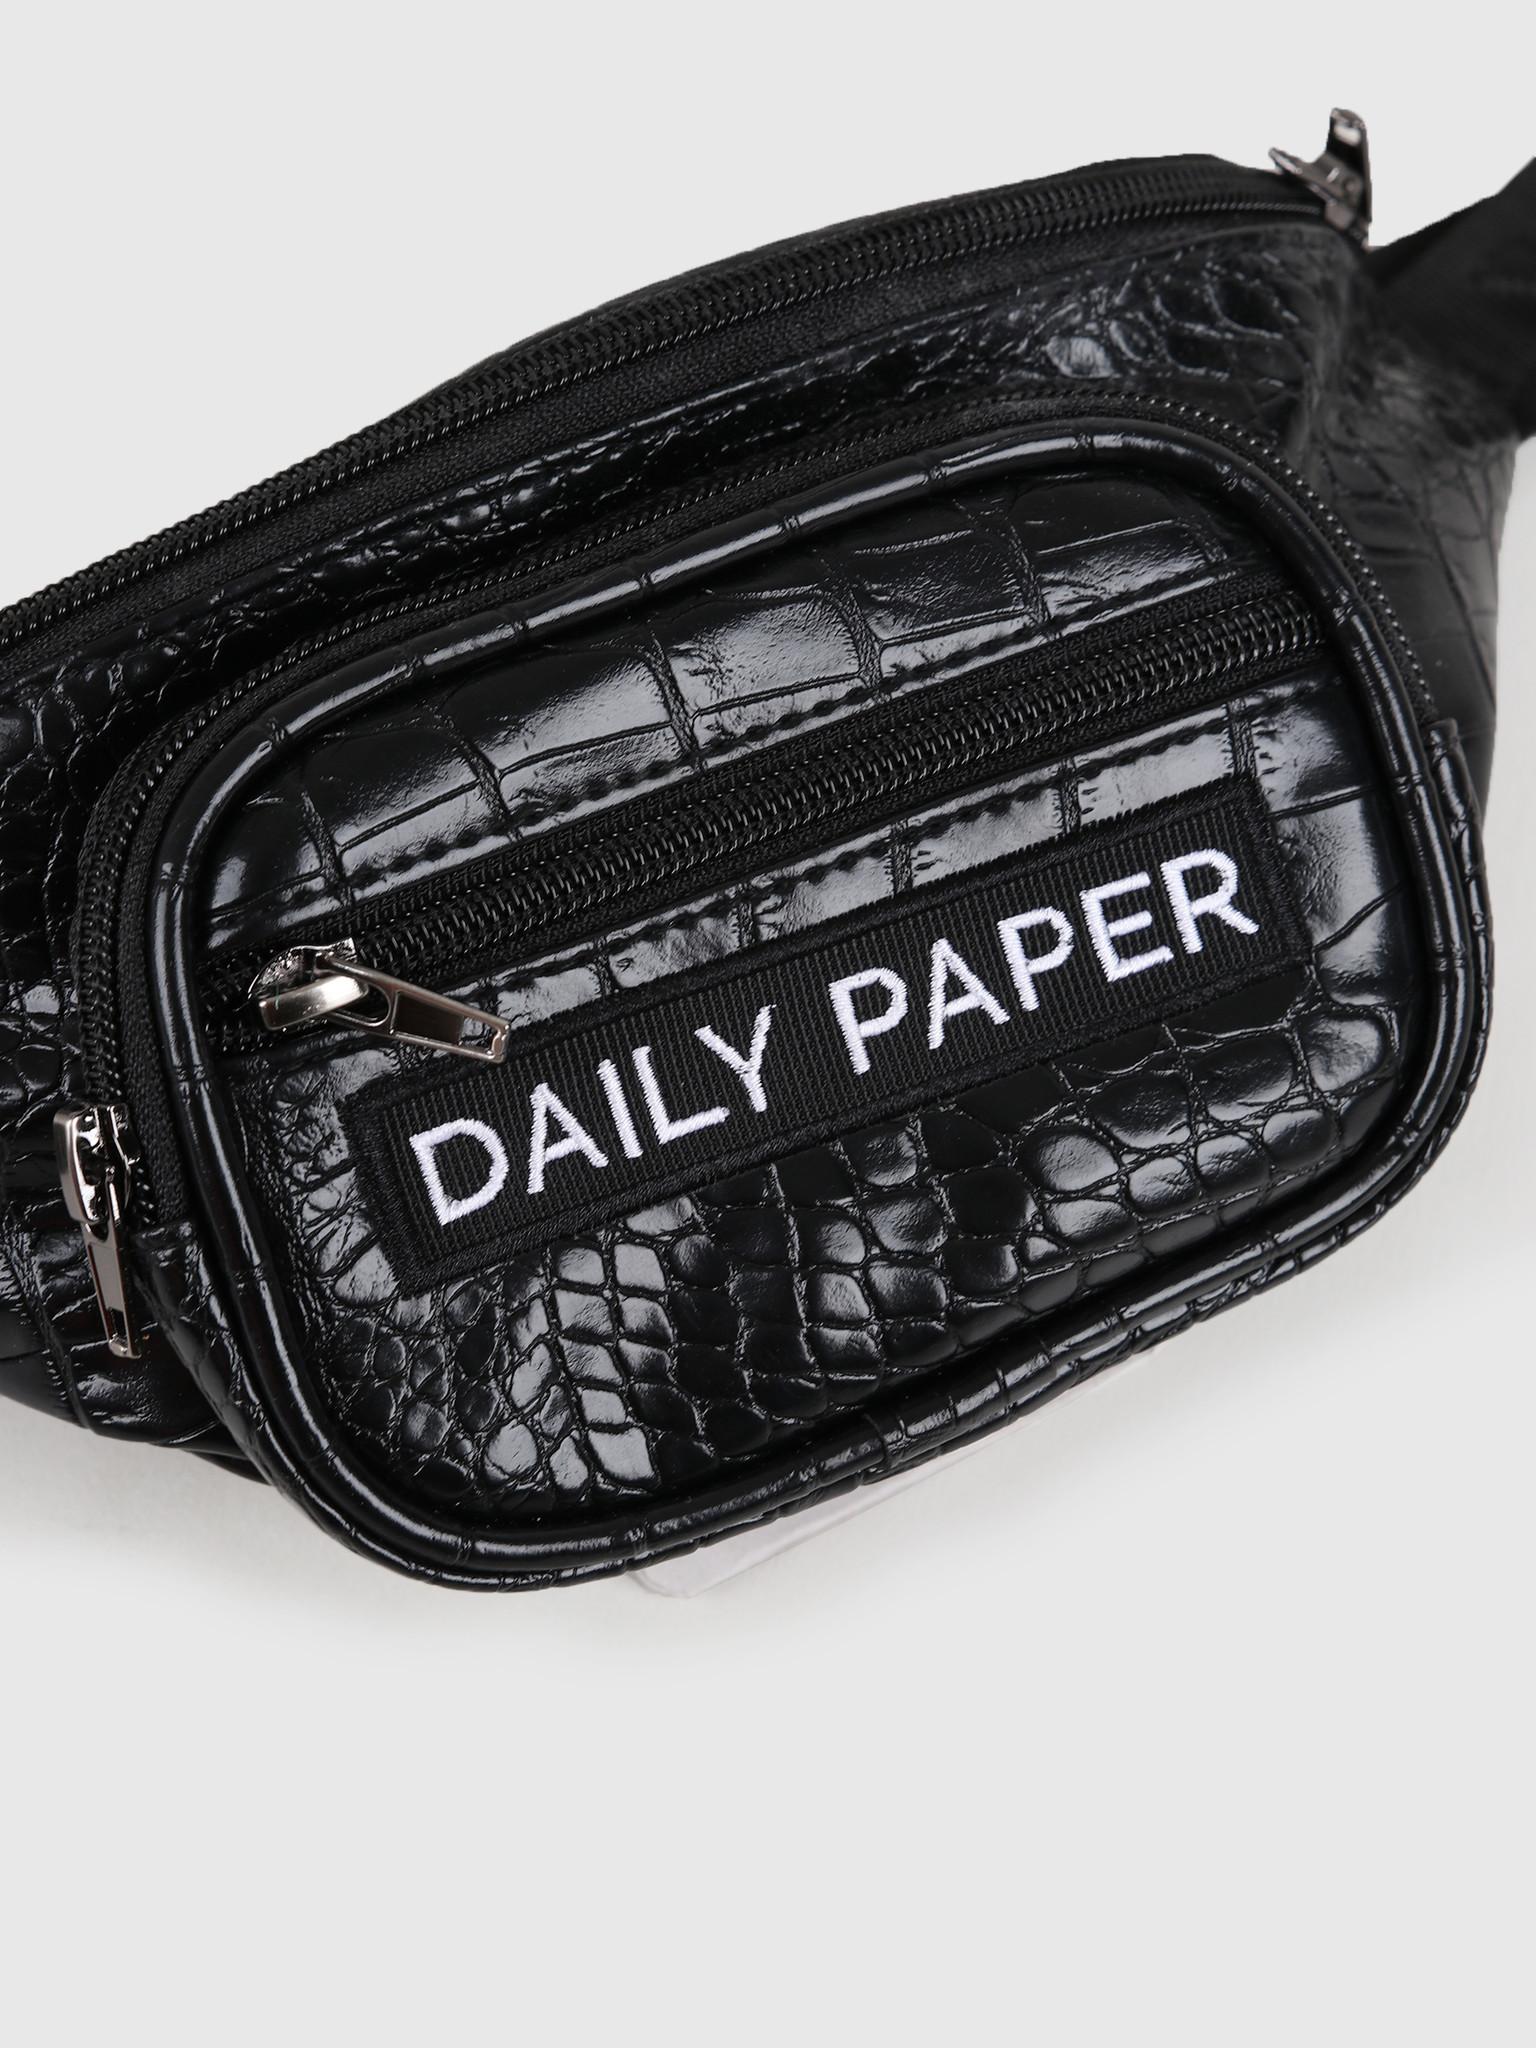 Daily Paper Daily Paper Gabi Black Croco 19F1AC17-03